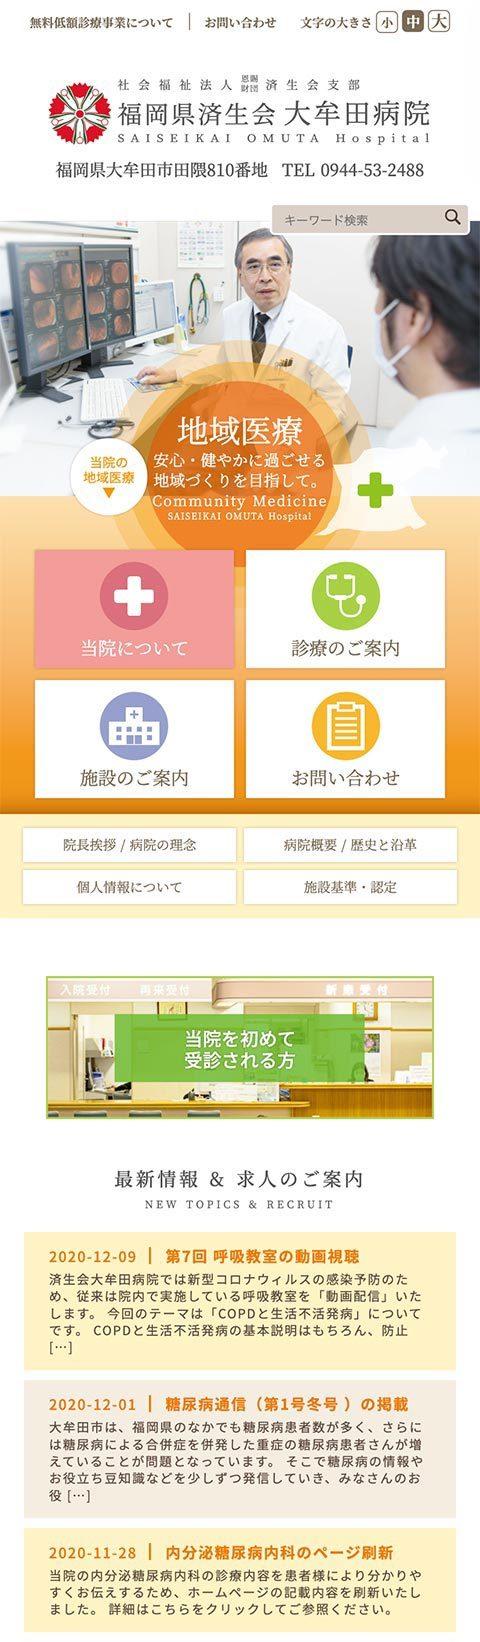 ホームページ 福岡 県